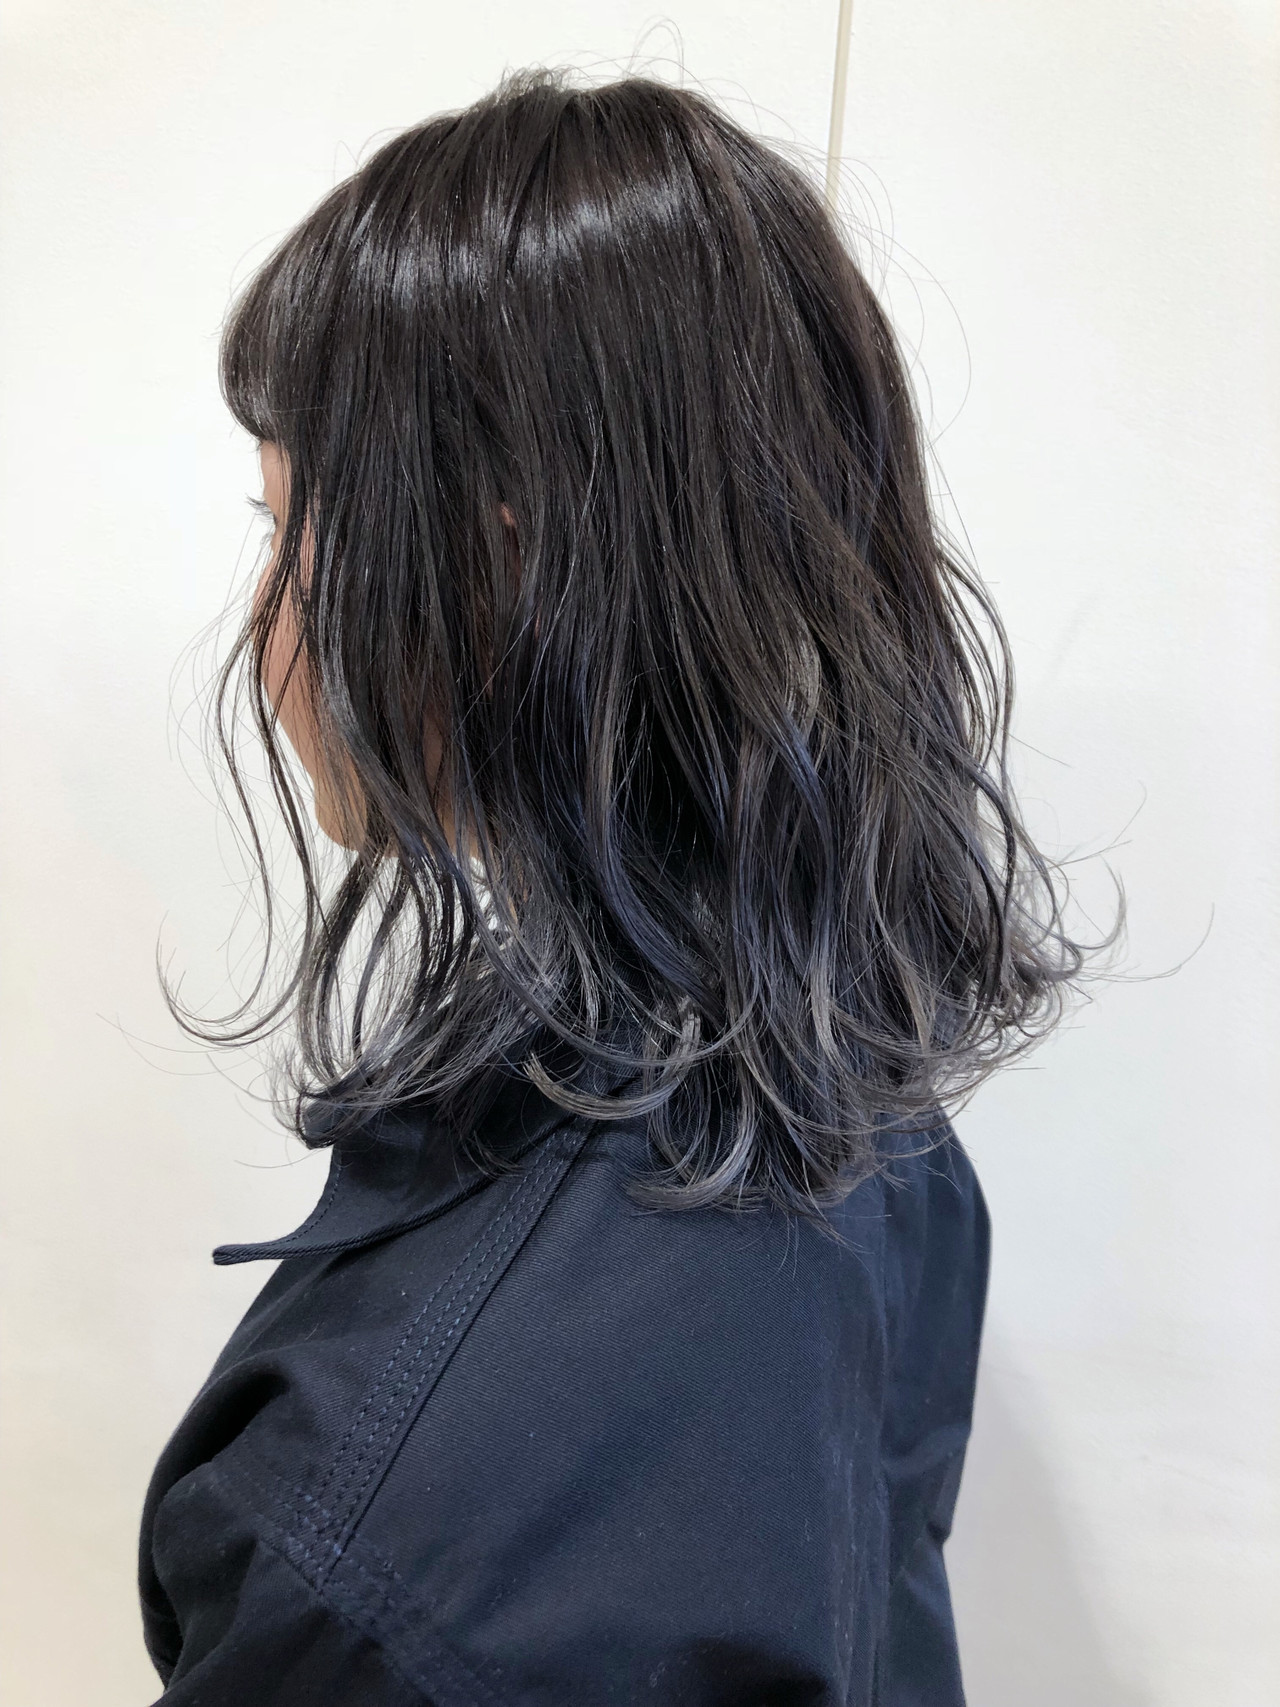 ブリーチオンカラー 透明感 ホワイトグレージュ ブリーチ ヘアスタイルや髪型の写真・画像